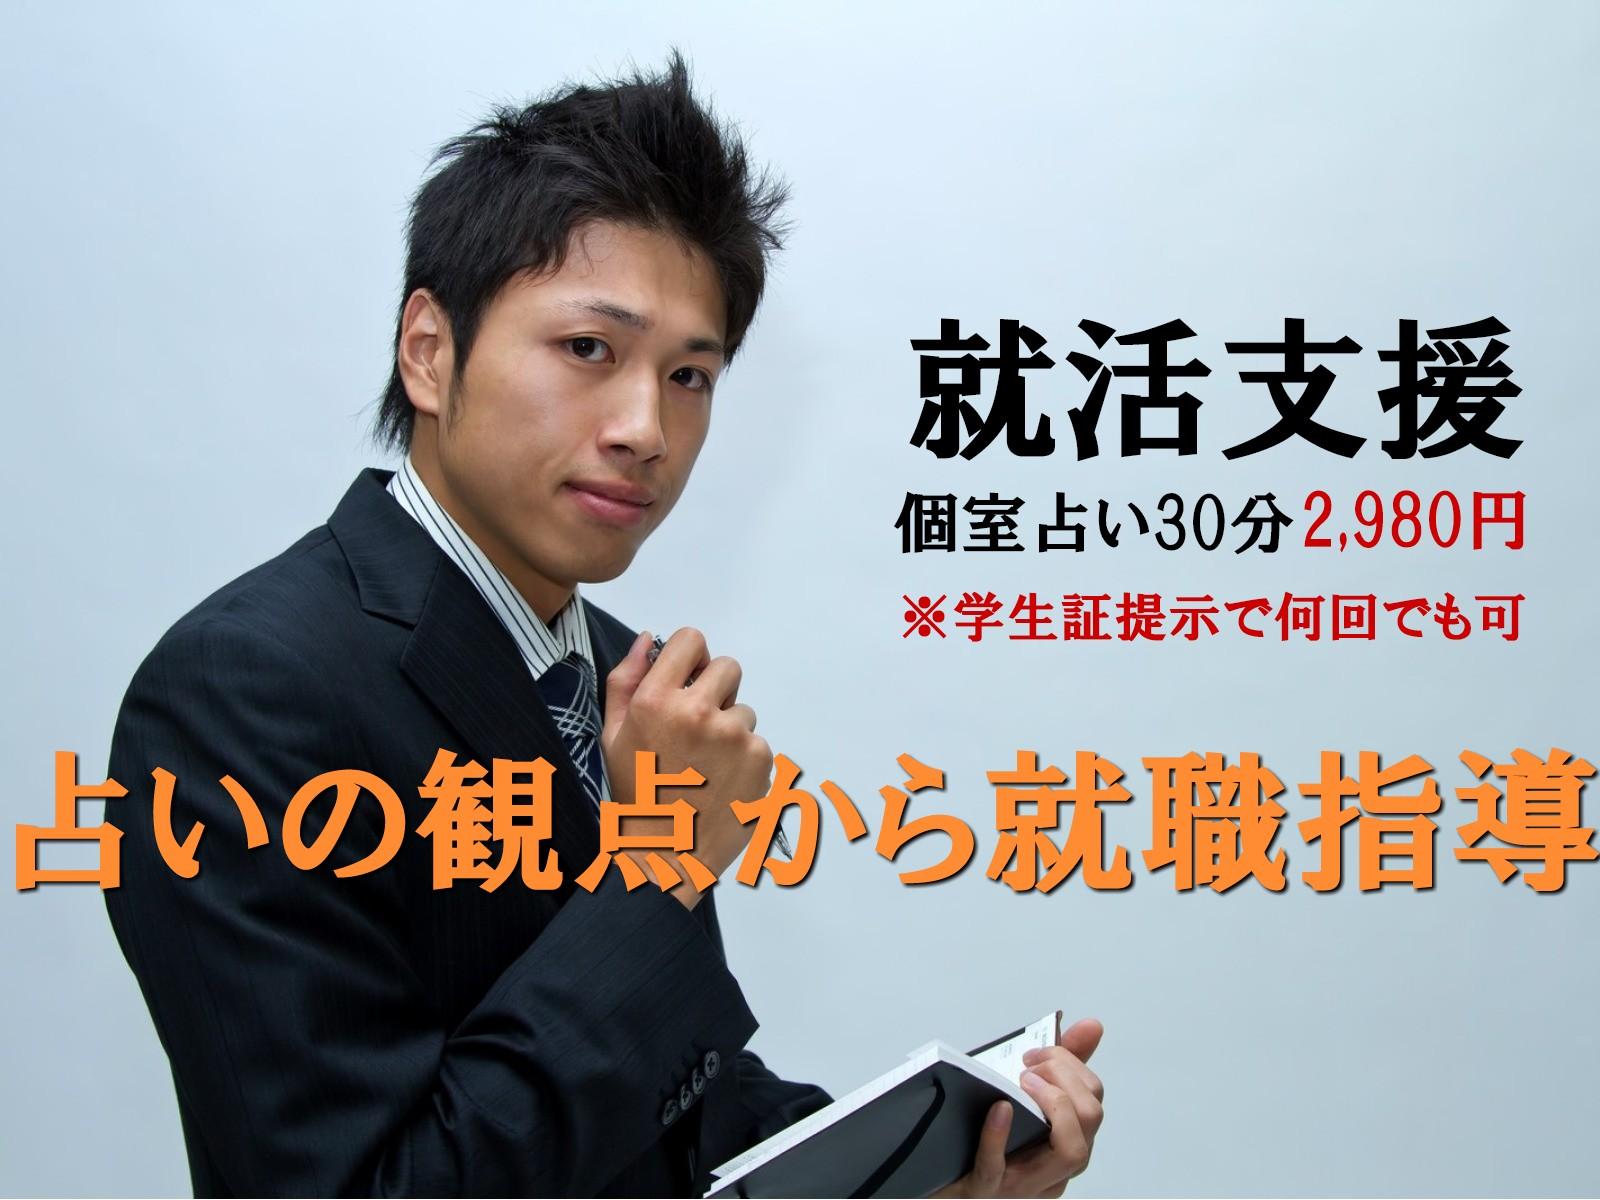 東京で就職活動が「辛い」「疲れた」なら就活セミナーとは違う目線で就活成功を追及するアドバイスができる占い館BCAFE(ビーカフェ)渋谷店がオススメ!占いを通じてアナタの性格・運勢から徹底アドバイス。